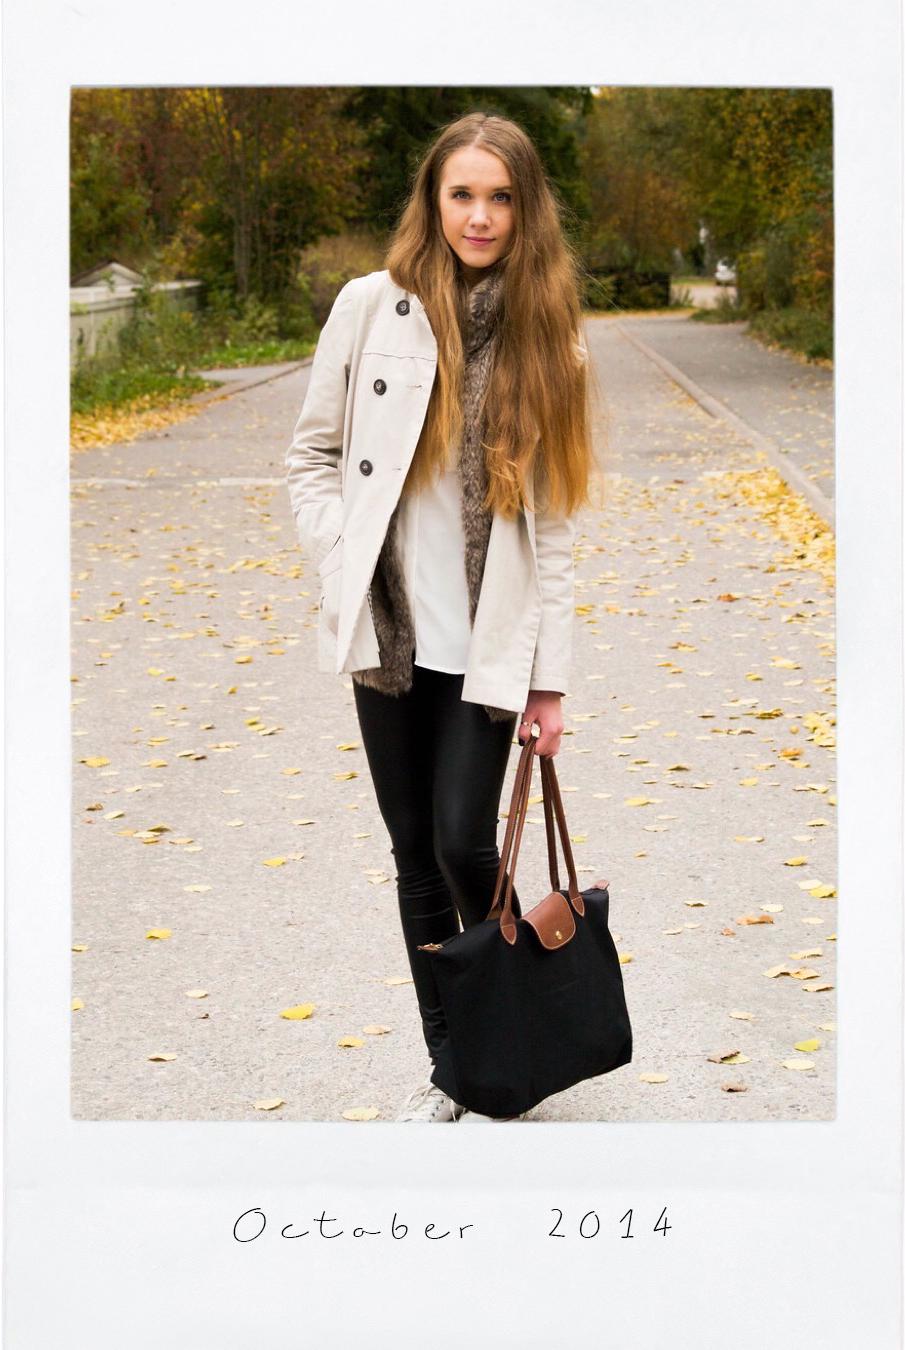 Autumn outfit inspiration - Syysmuoti bloggaaja asuinspiraatio